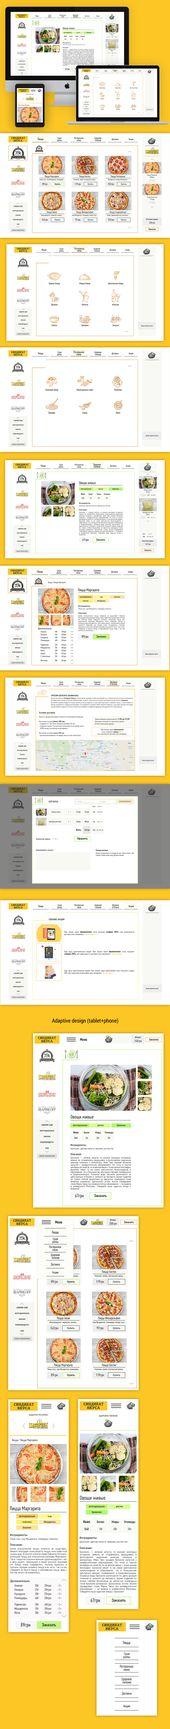 Ознакомьтесь с этим проектом @Behance «Daily UI challenge #002 - delivery order form